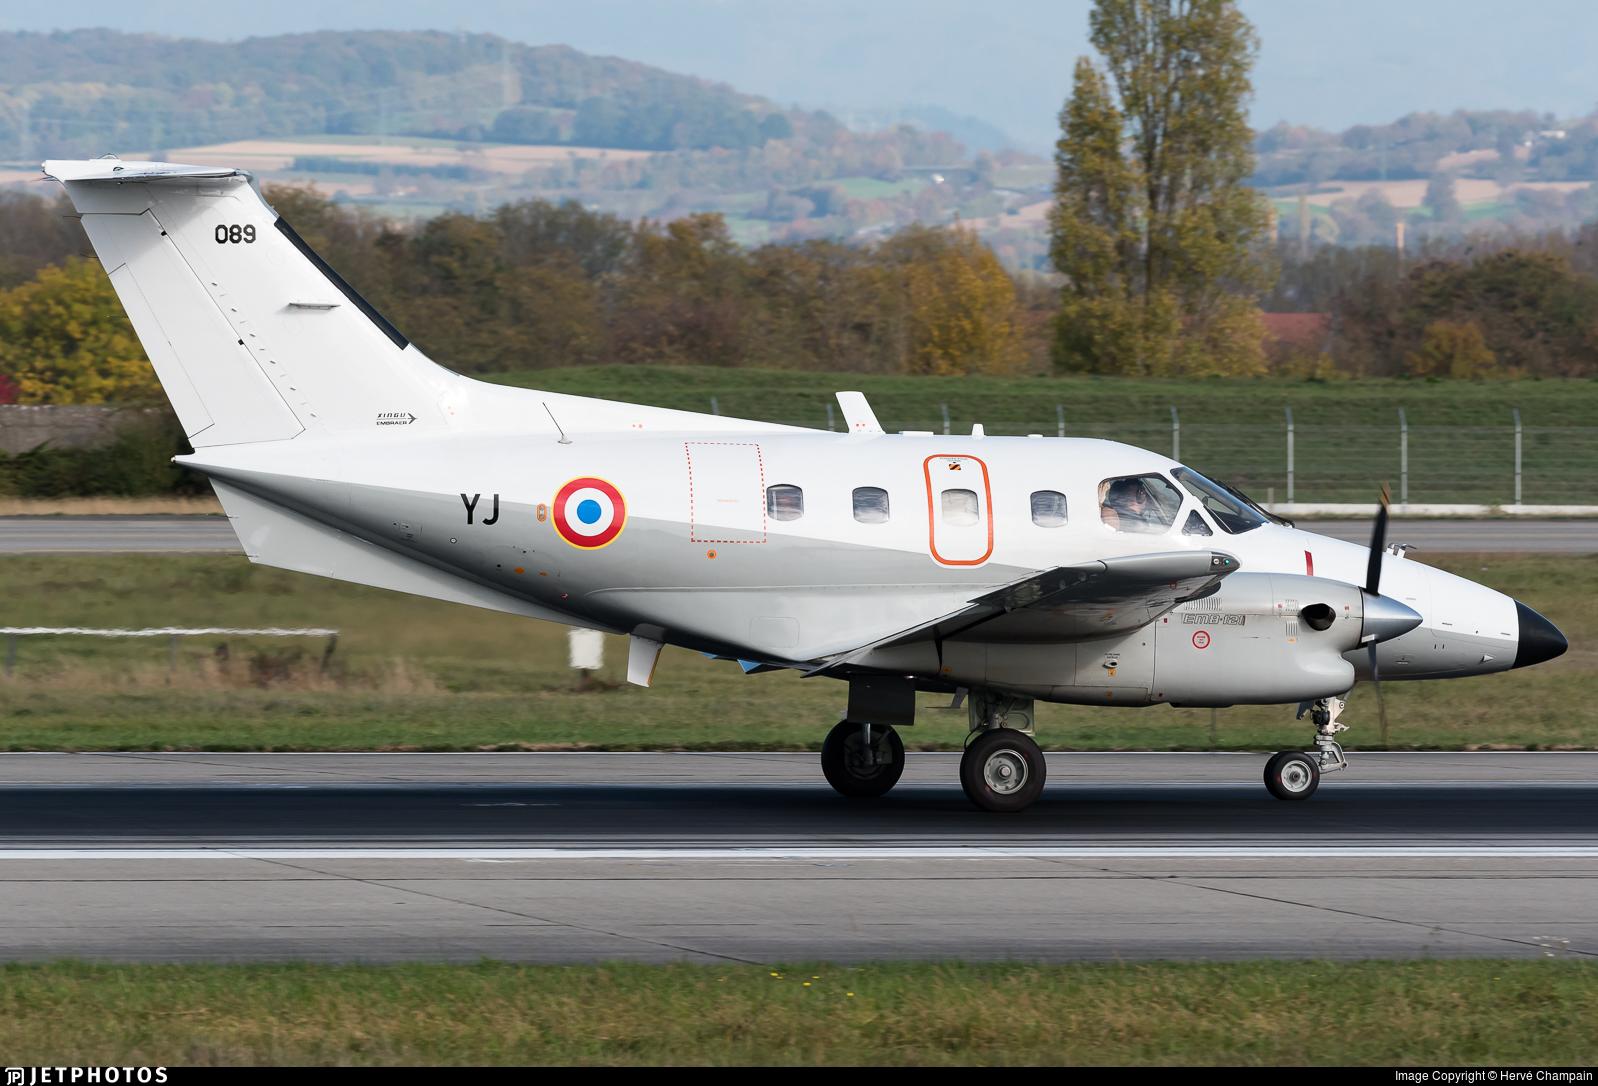 089 - Embraer EMB-121AA Xingú - France - Air Force